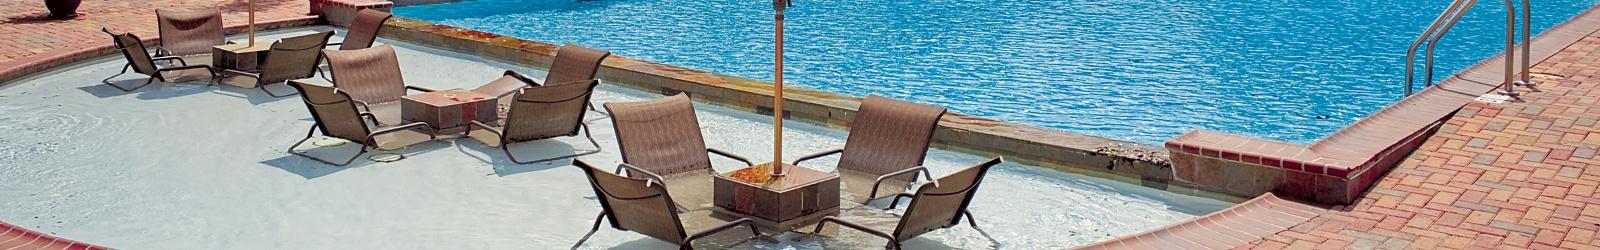 Baton Rouge Luxury Apartment Amenities at Millennium Towne Center